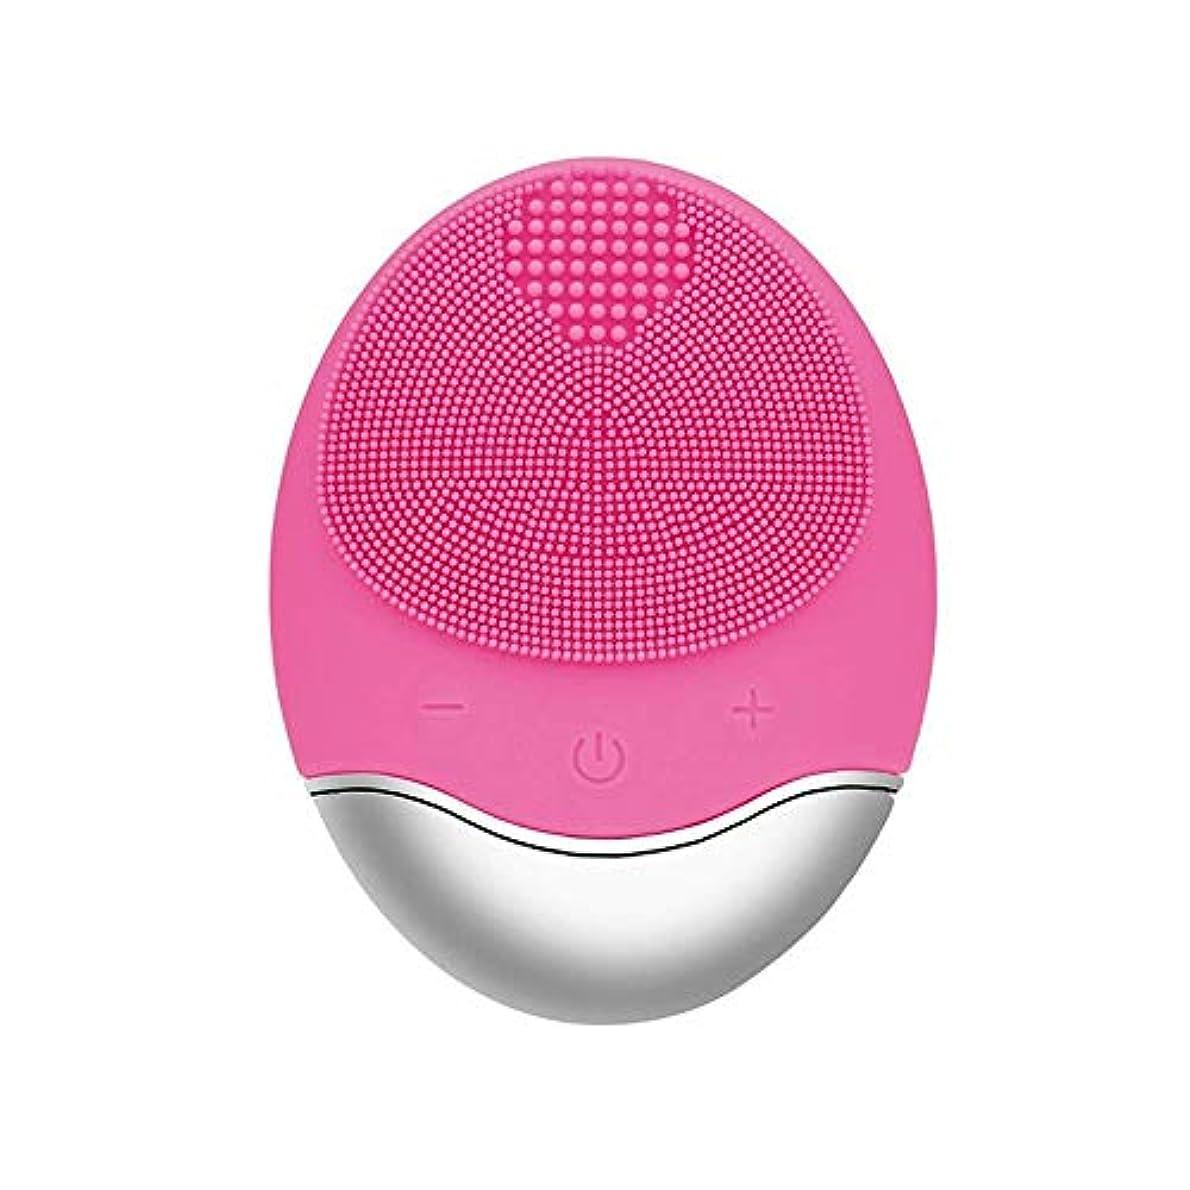 ポジティブ特定のメールを書くZXF 新しい竹炭クレンジング楽器クレンジングポア充電式電気シリコーンにきびクレンジング楽器ピンク 滑らかである